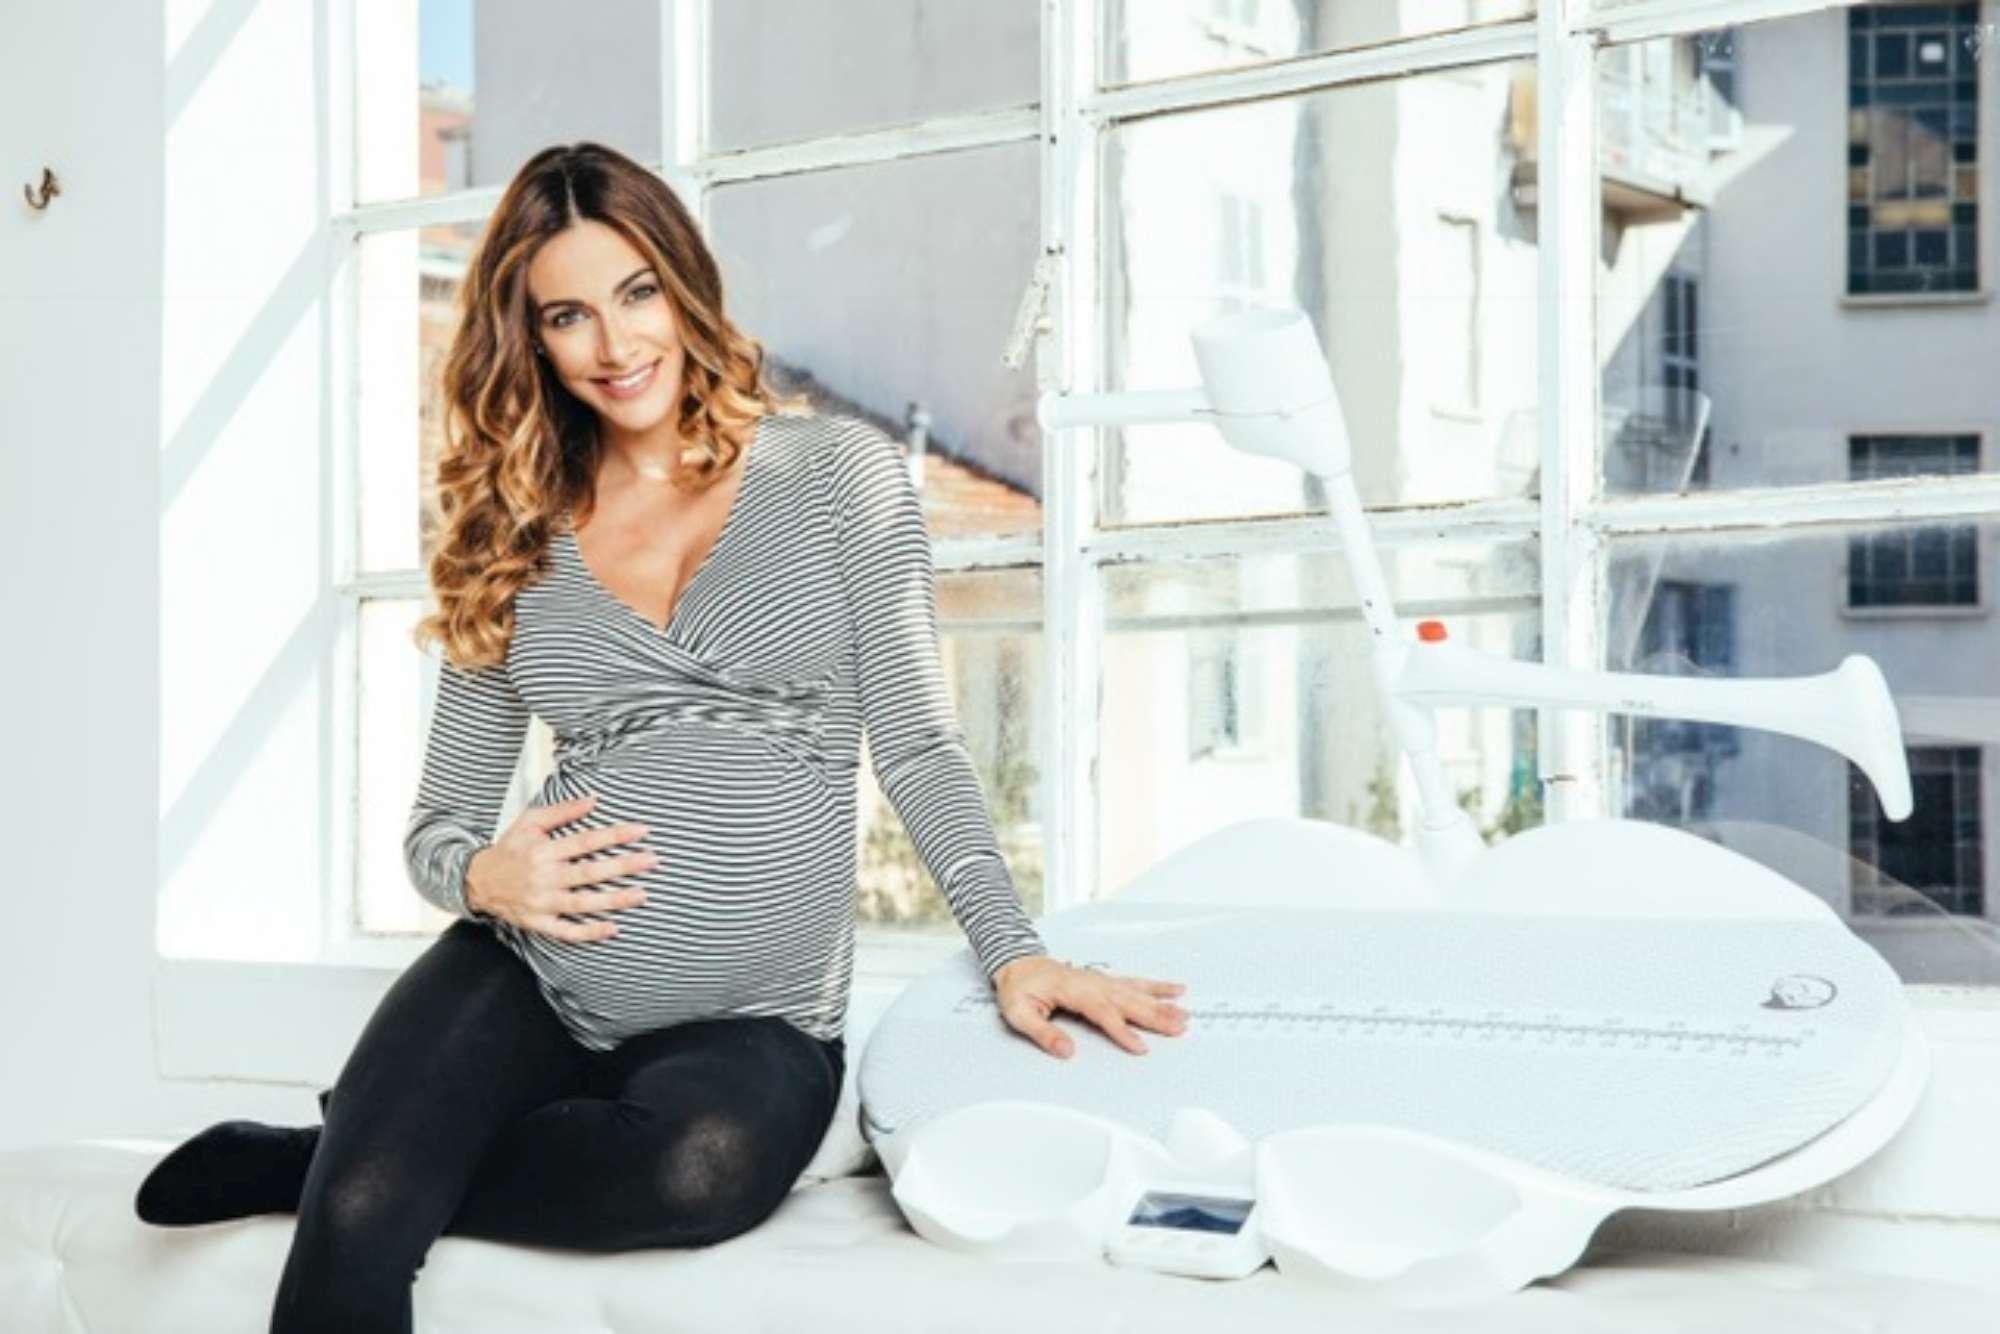 Melita Toniolo incinta: sfogo sui social